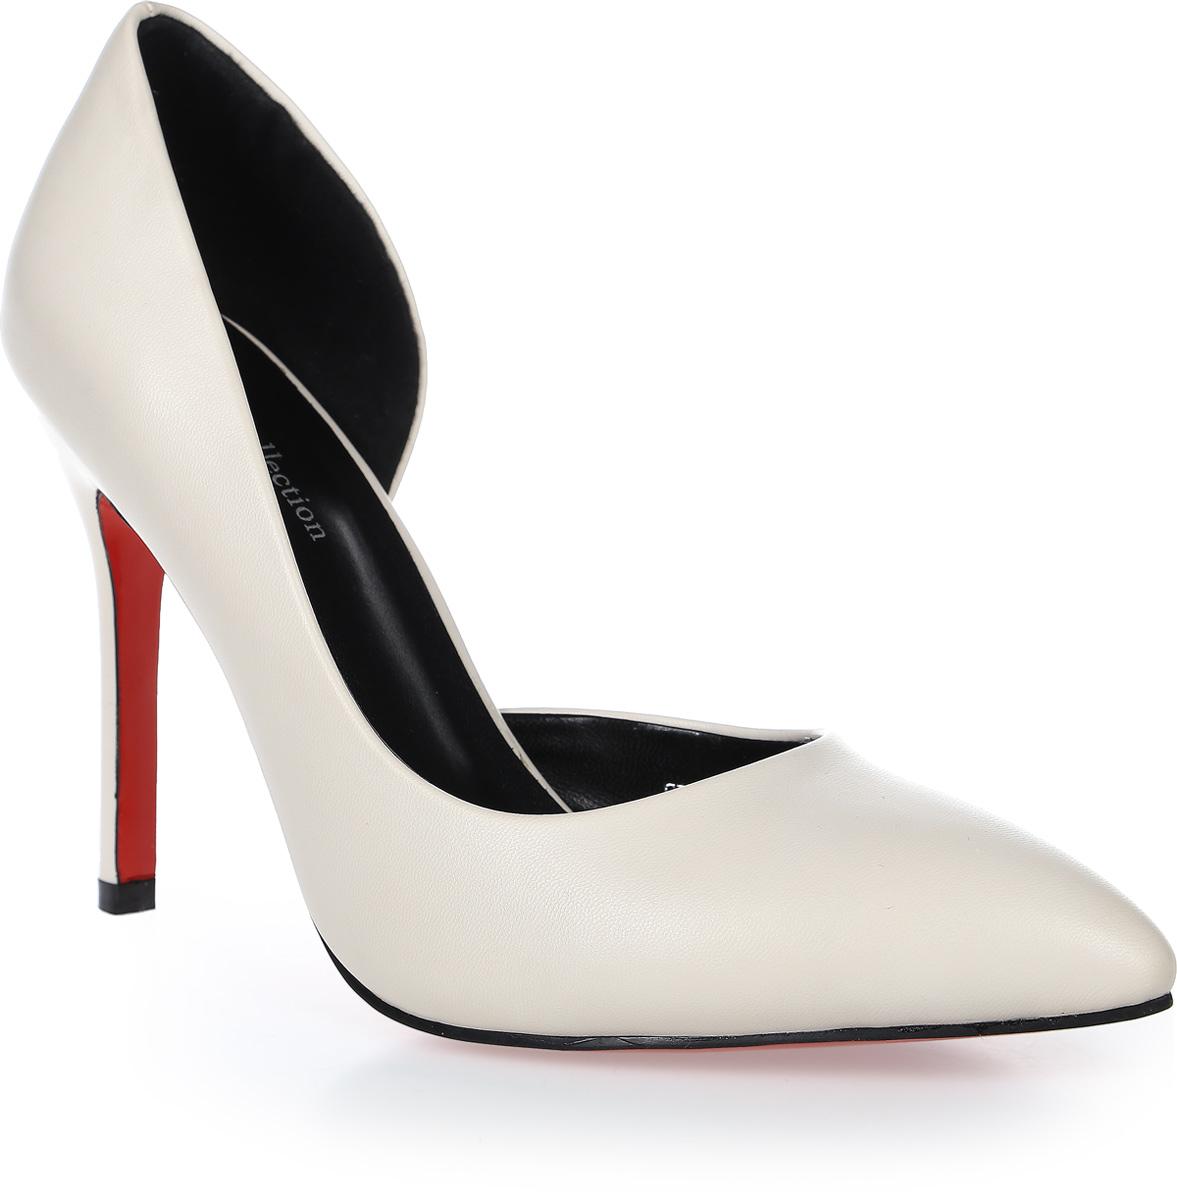 Туфли женские LK collection, цвет: молочный. SP-EA2201-3 PU (SP-E305001-6). Размер 38SP-EA2201-3 PU (SP-E305001-6)Стильные туфли-лодочки на высокой шпильке выполнены из искусственной кожи. Стелька выполнена из натуральной кожи.